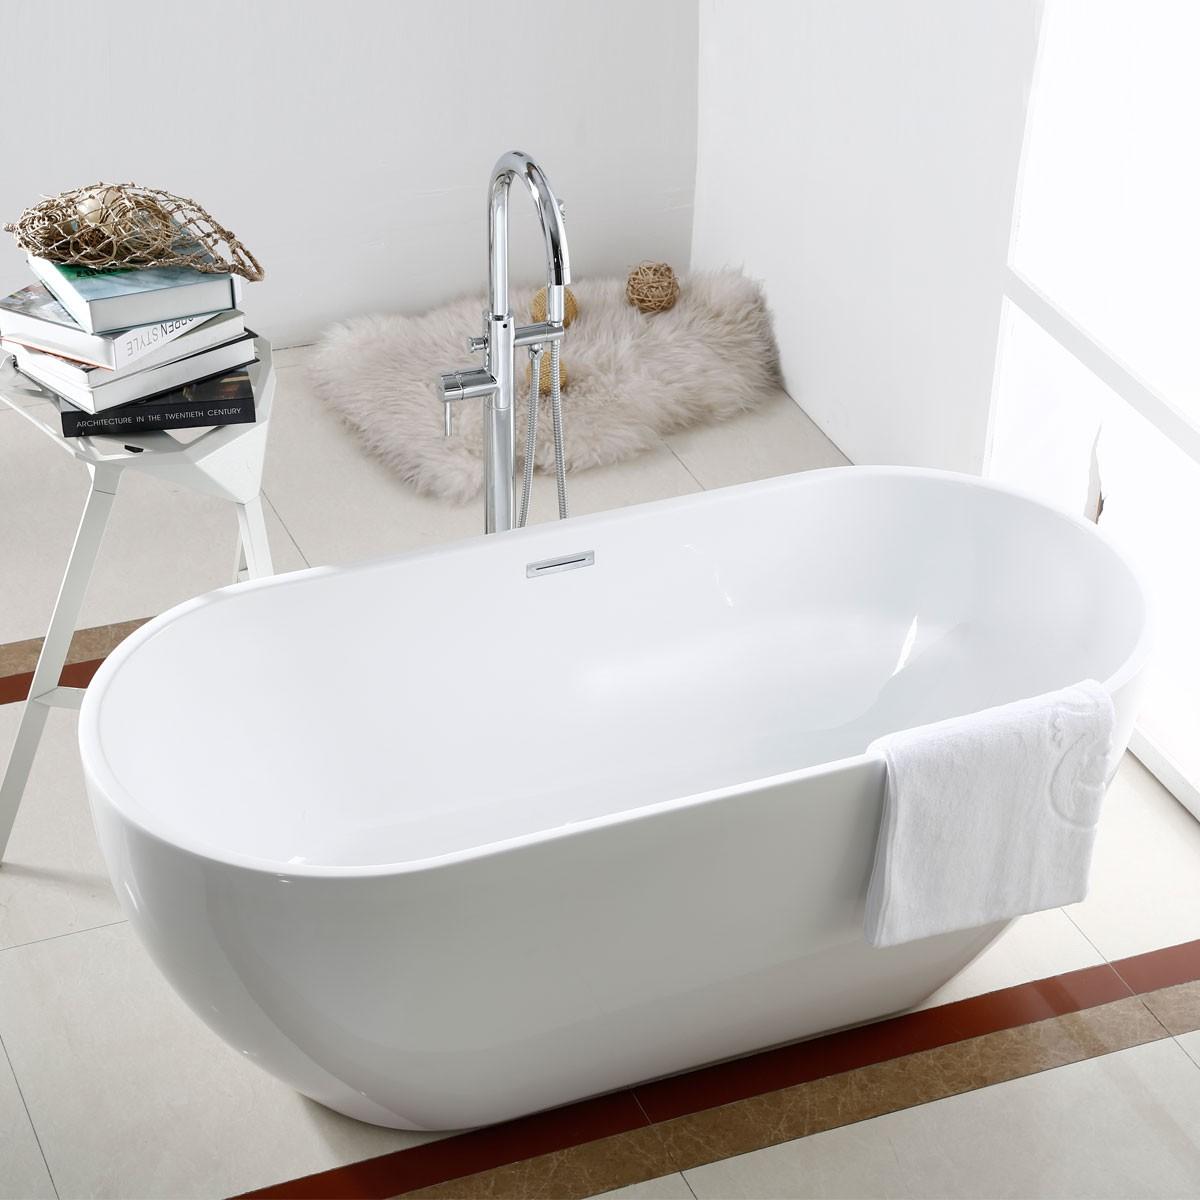 Baignoire autoportante blanche en acrylique sans soudure for Plomberie salle de bain sans soudure